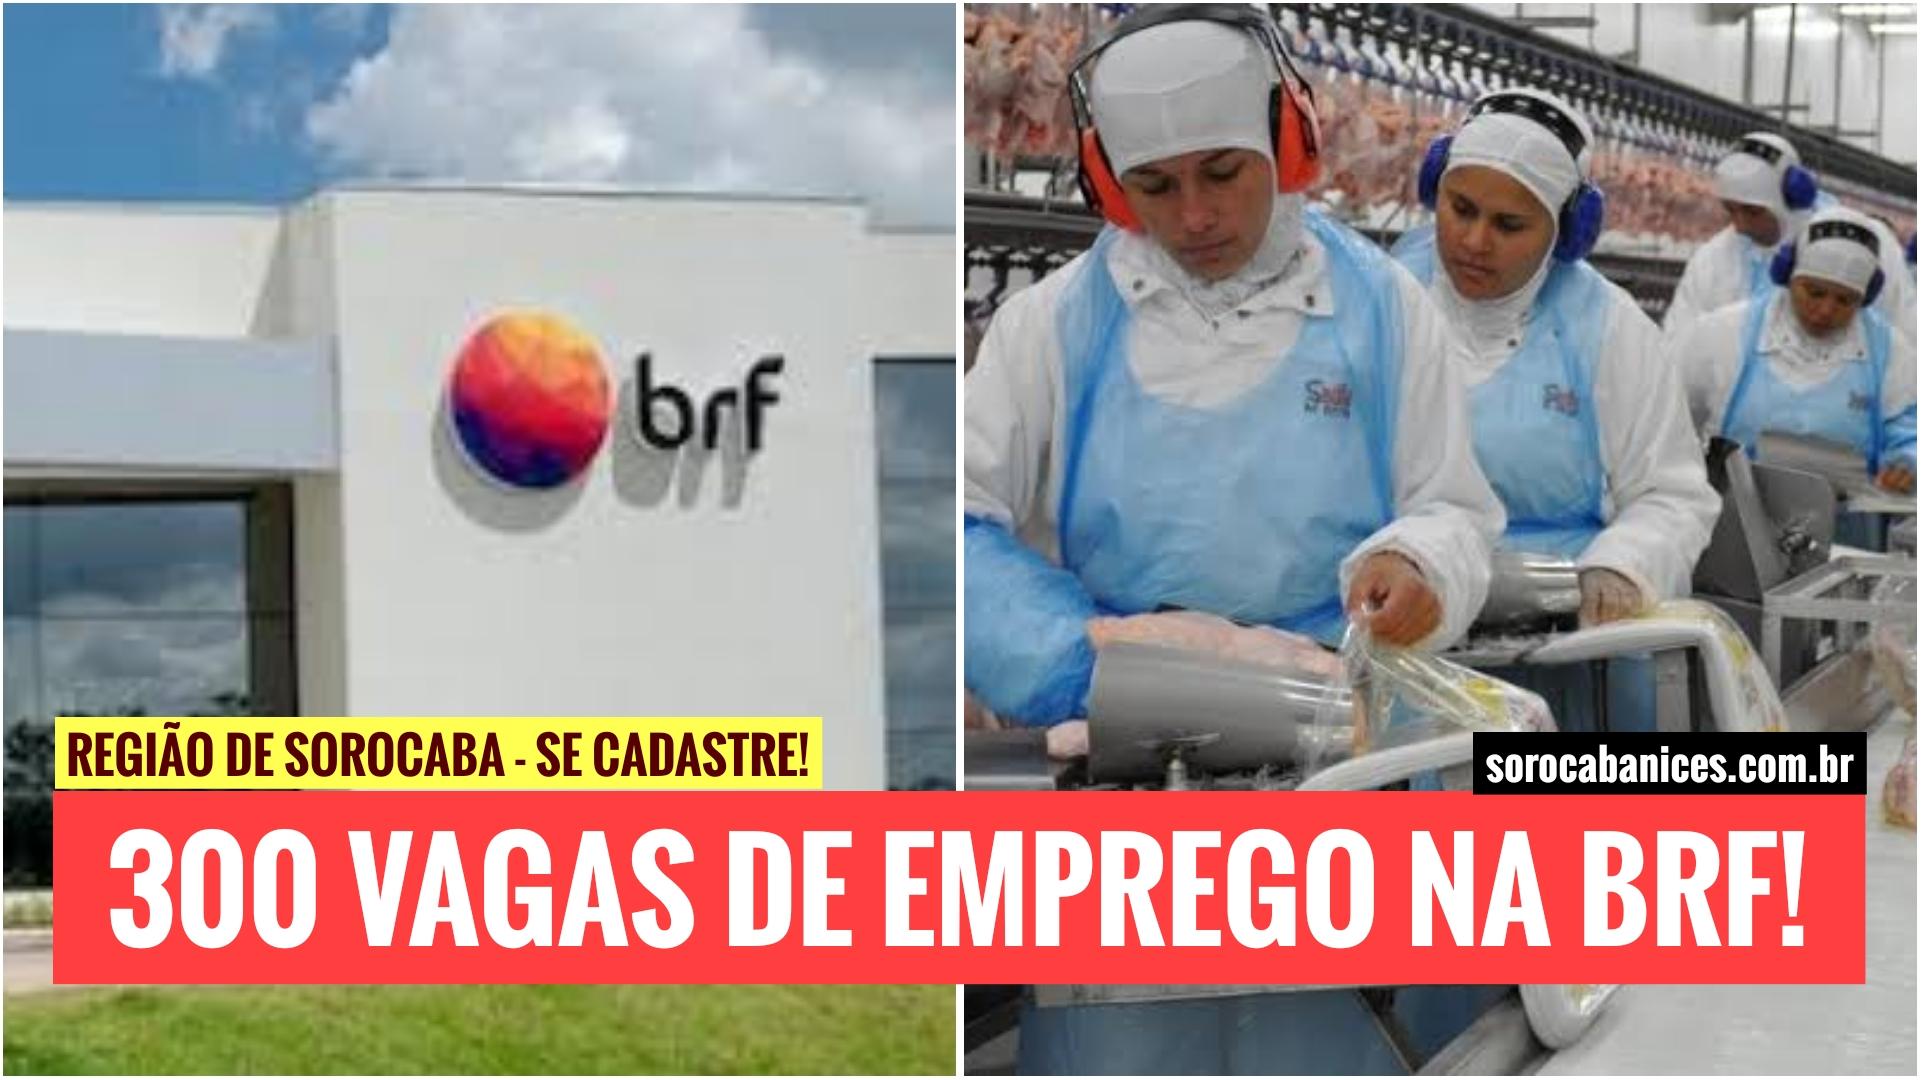 Dona da Sadia e Perdigão, BRF abre 300 vagas de emprego na região de Sorocaba